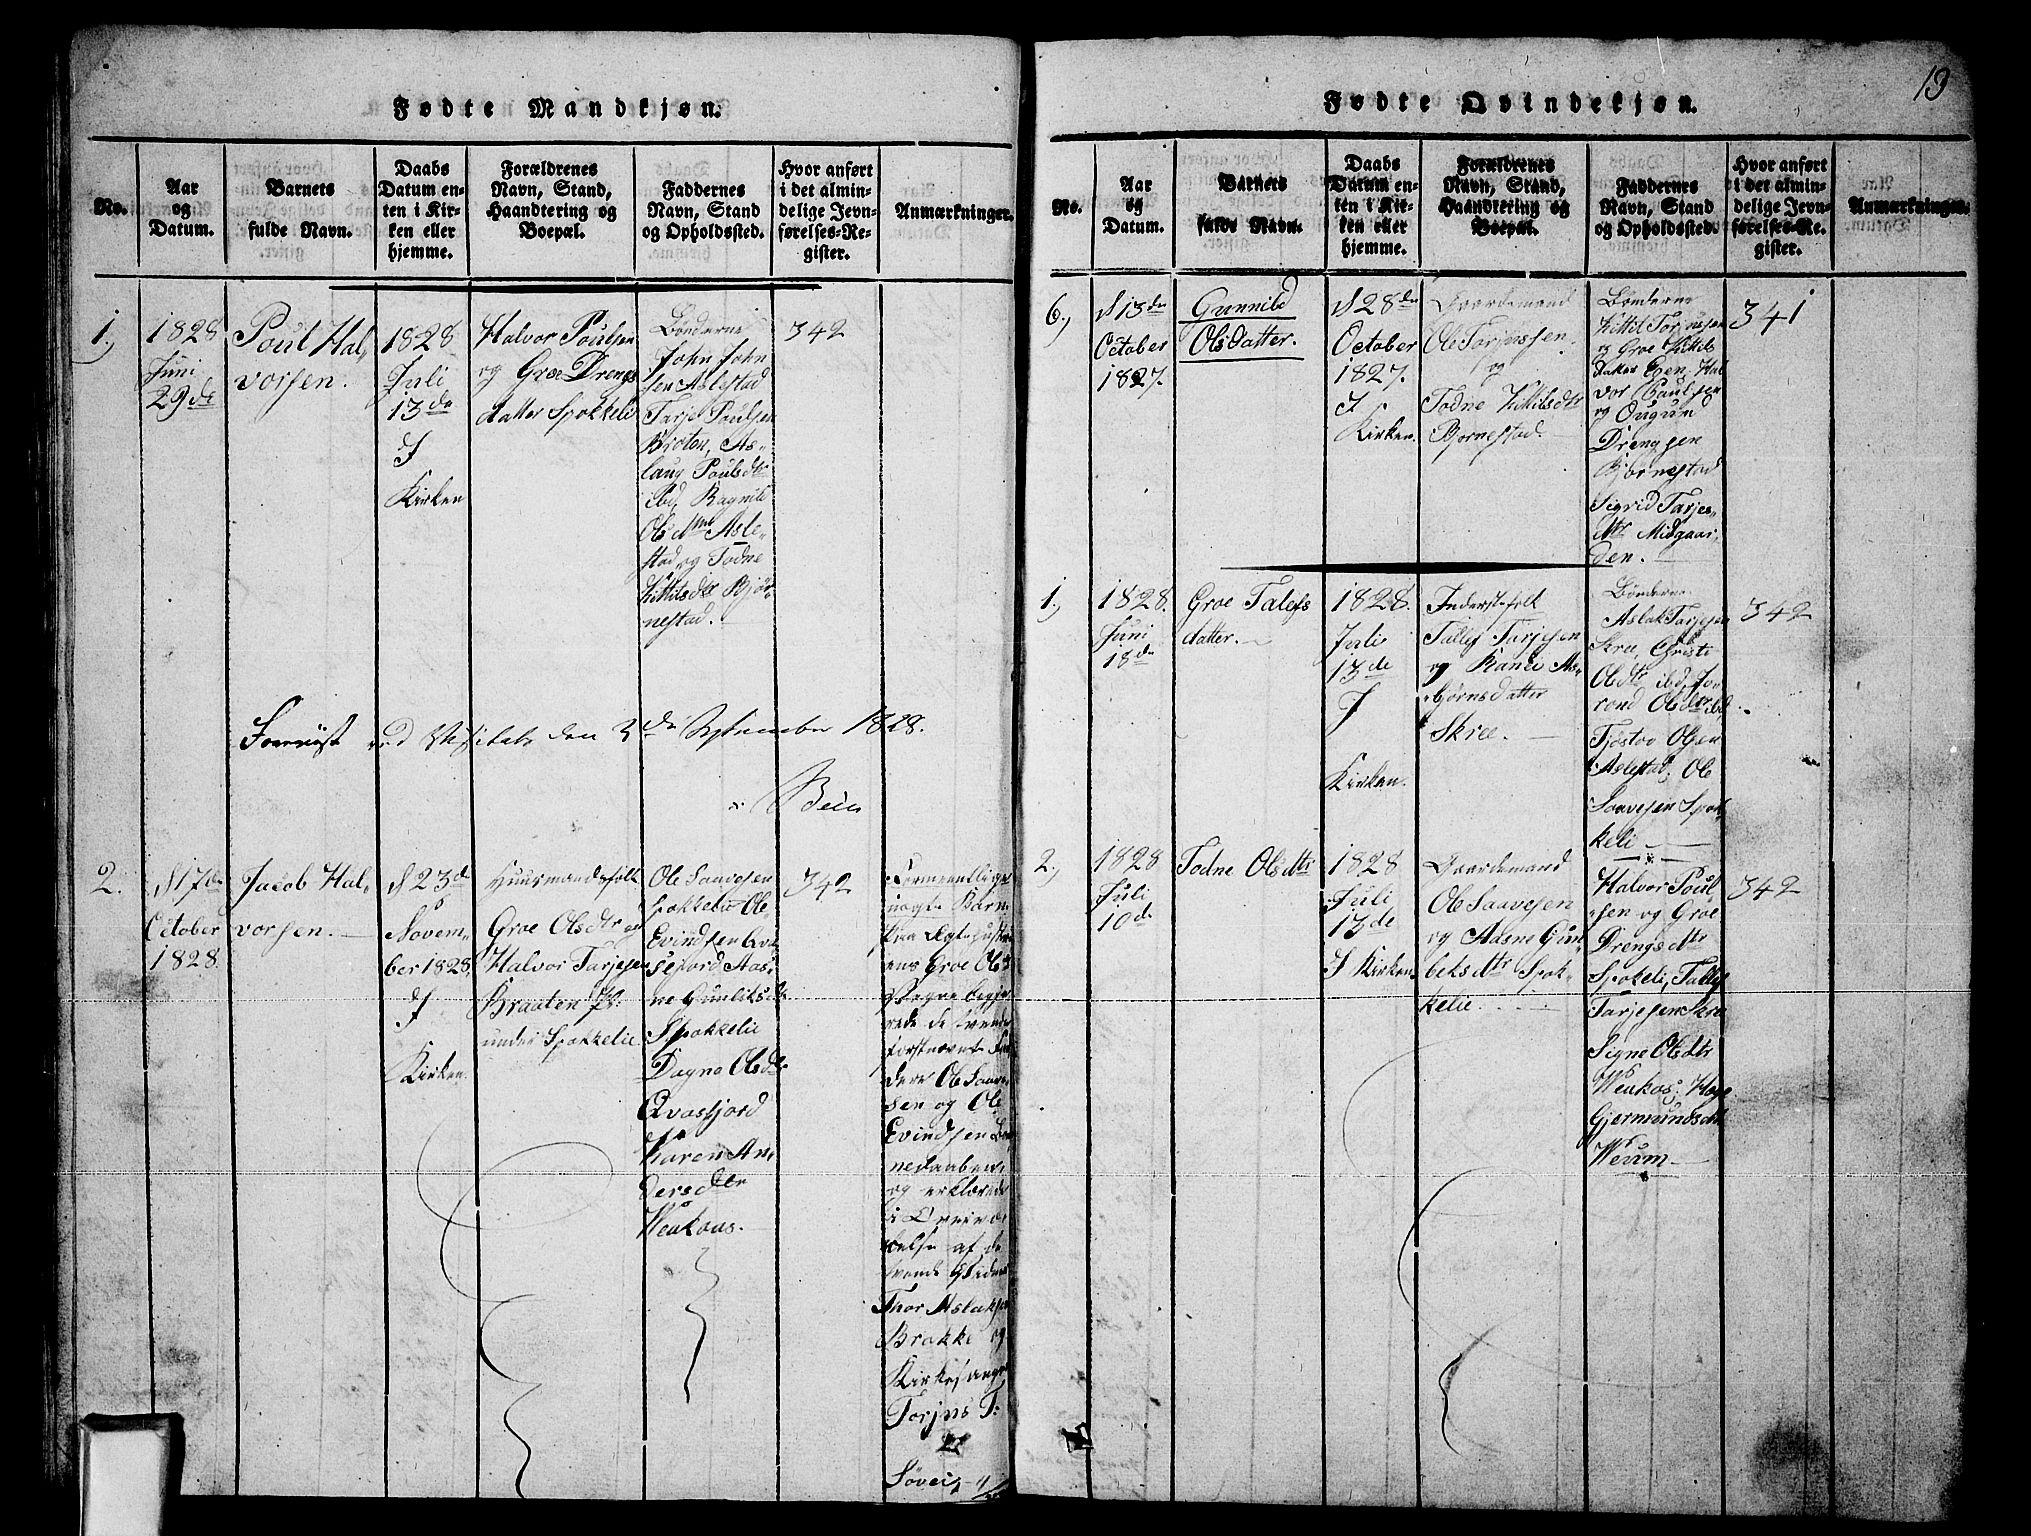 SAKO, Fyresdal kirkebøker, G/Ga/L0003: Klokkerbok nr. I 3, 1815-1863, s. 13